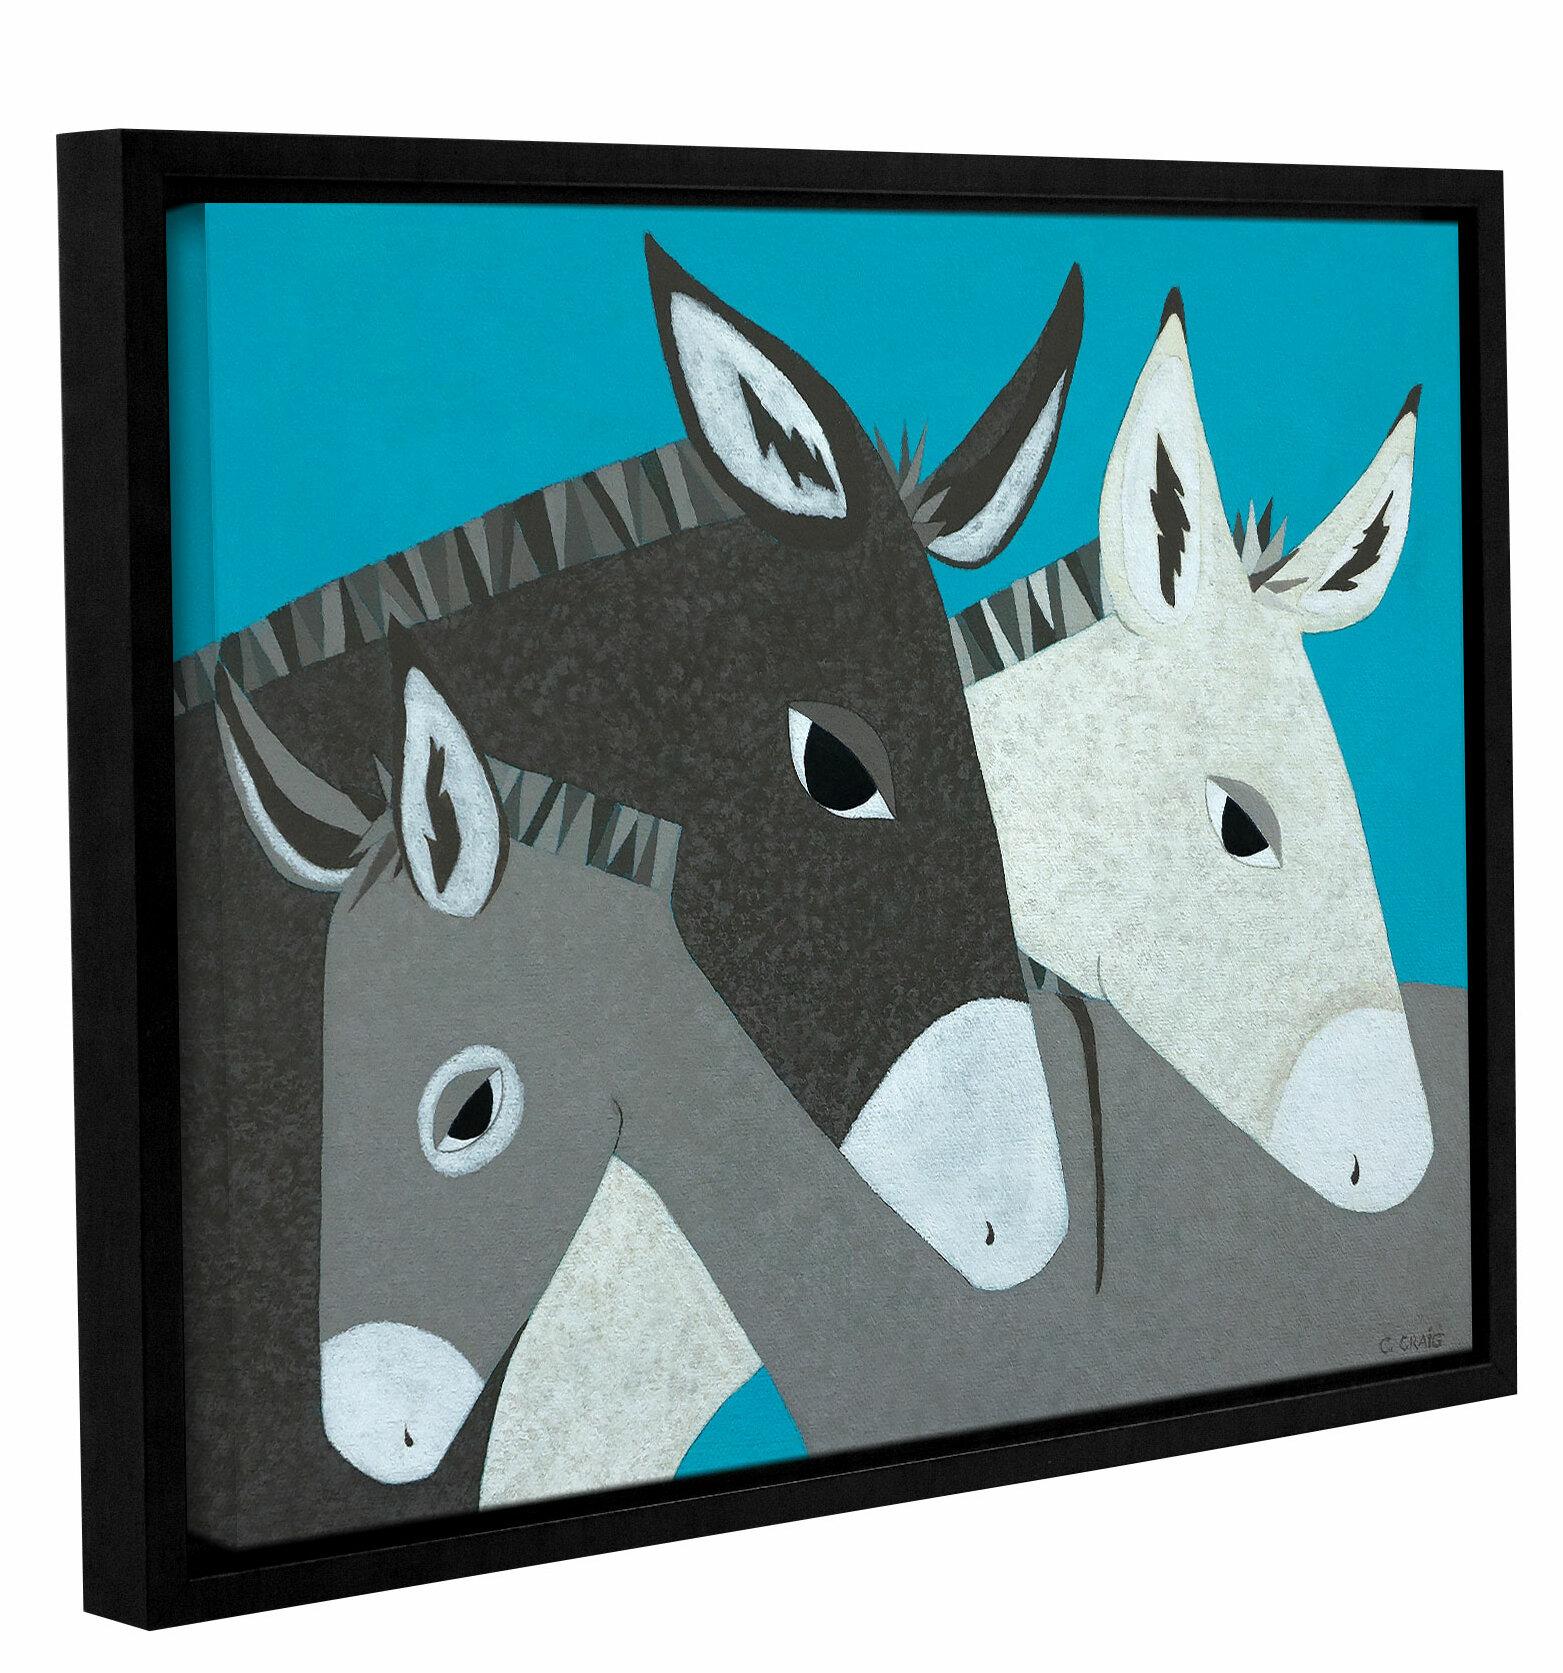 d53e854da8 Ebern designs donkey family framed graphic art print on canvas wayfair jpg  1563x1673 Streamlined donkey